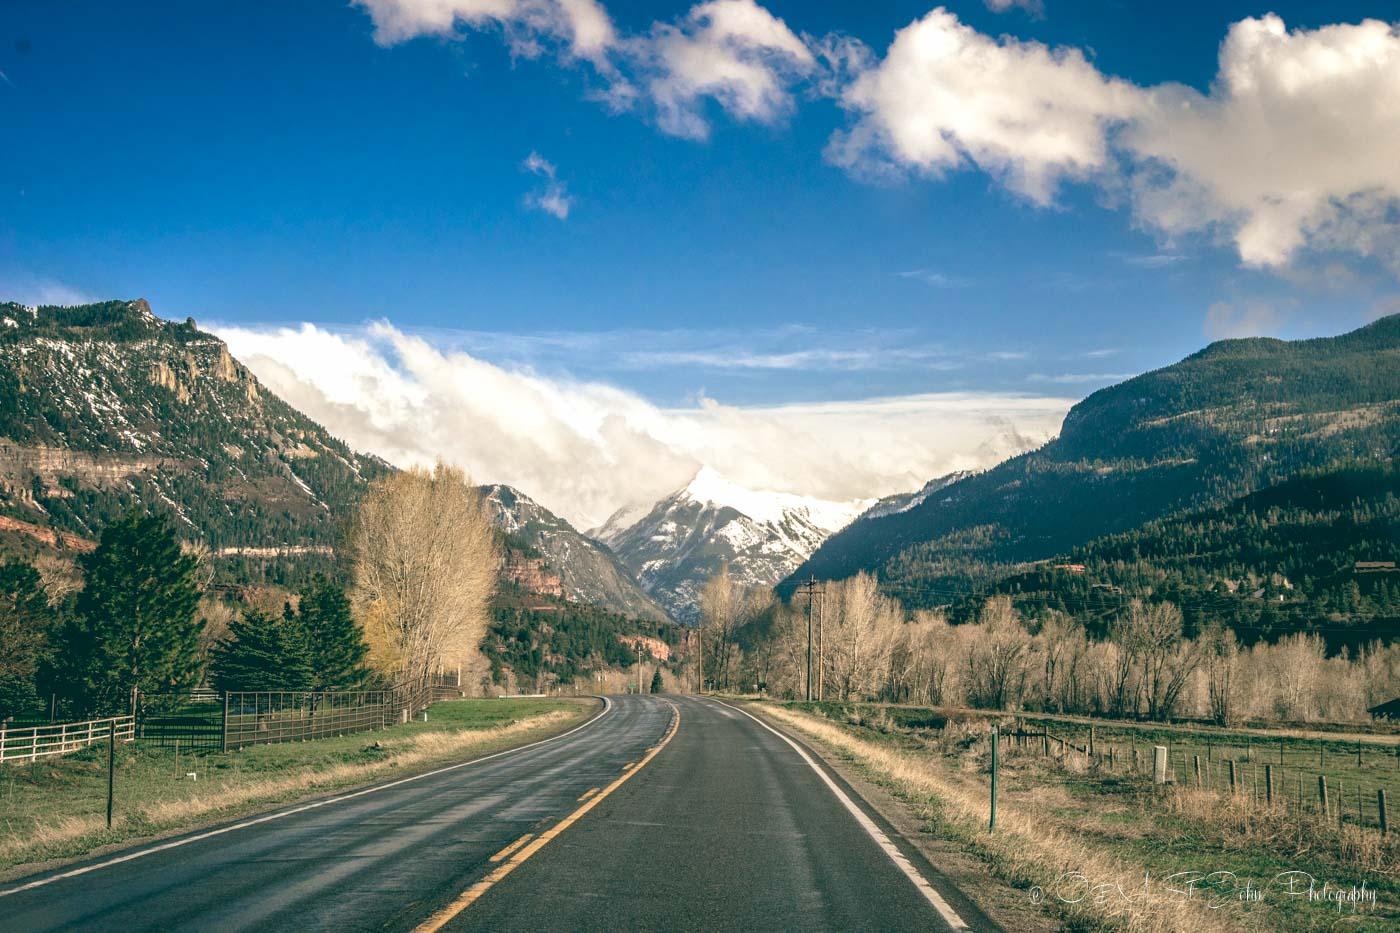 Weekend Getaway Idea: Colorado